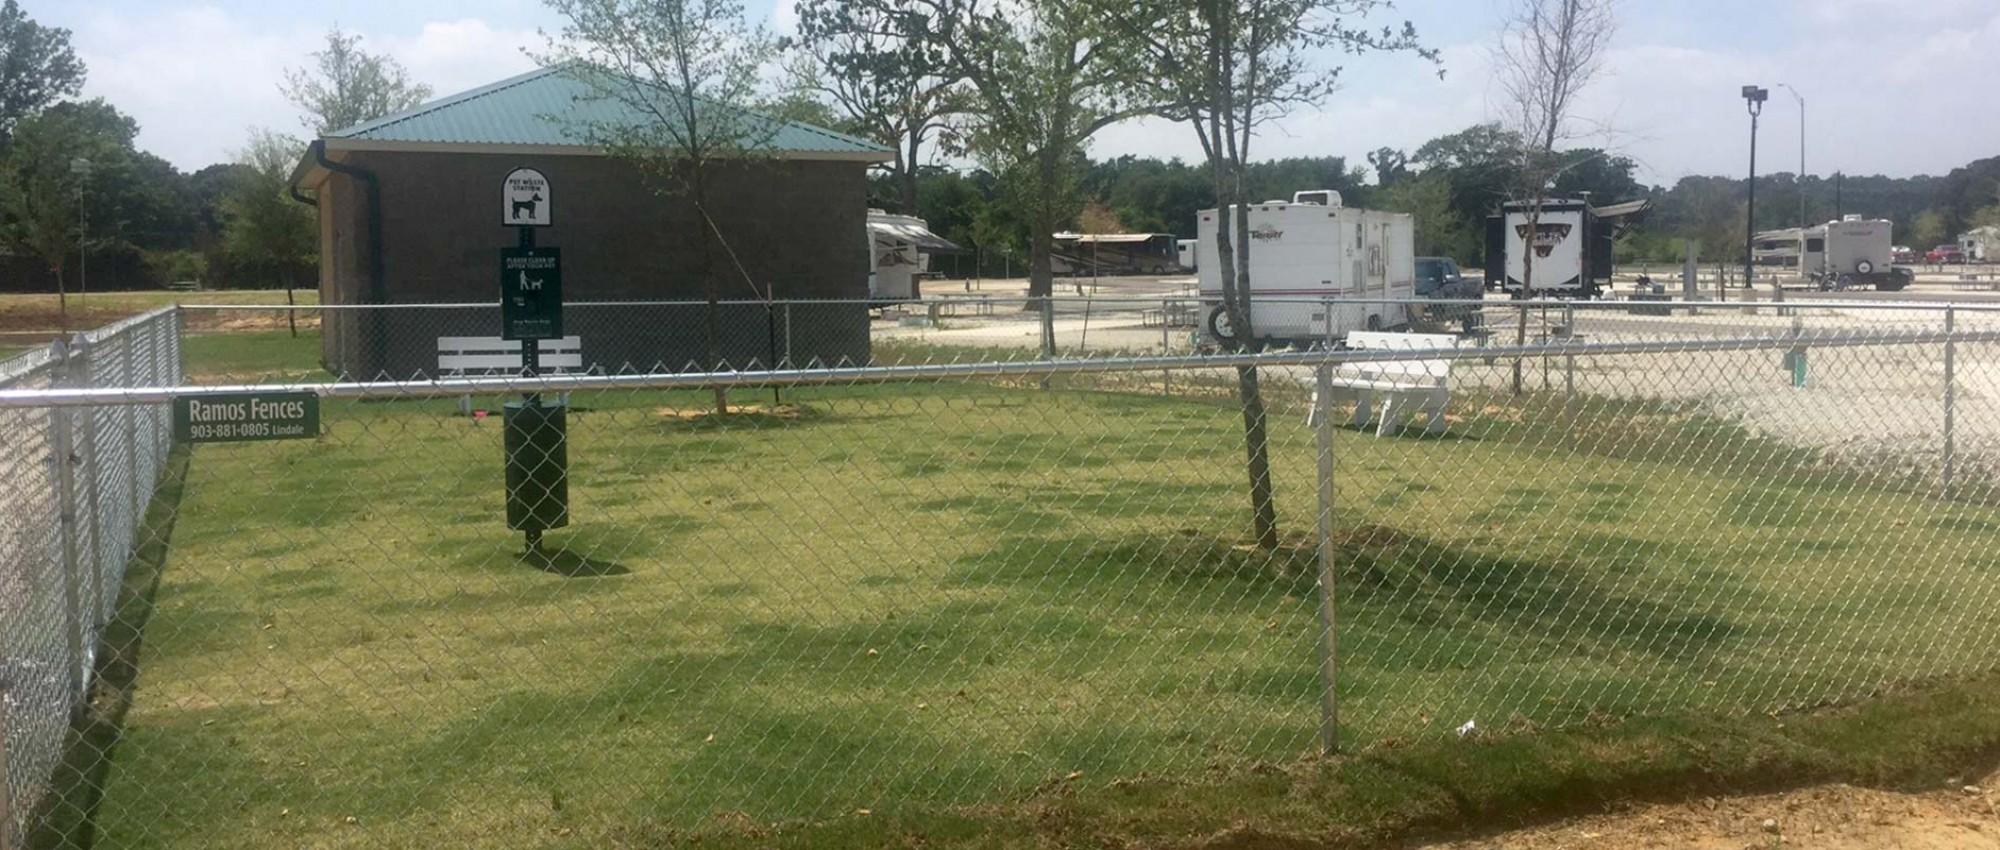 Rv Park Tyler Oaks Rv Resort Tyler Texas